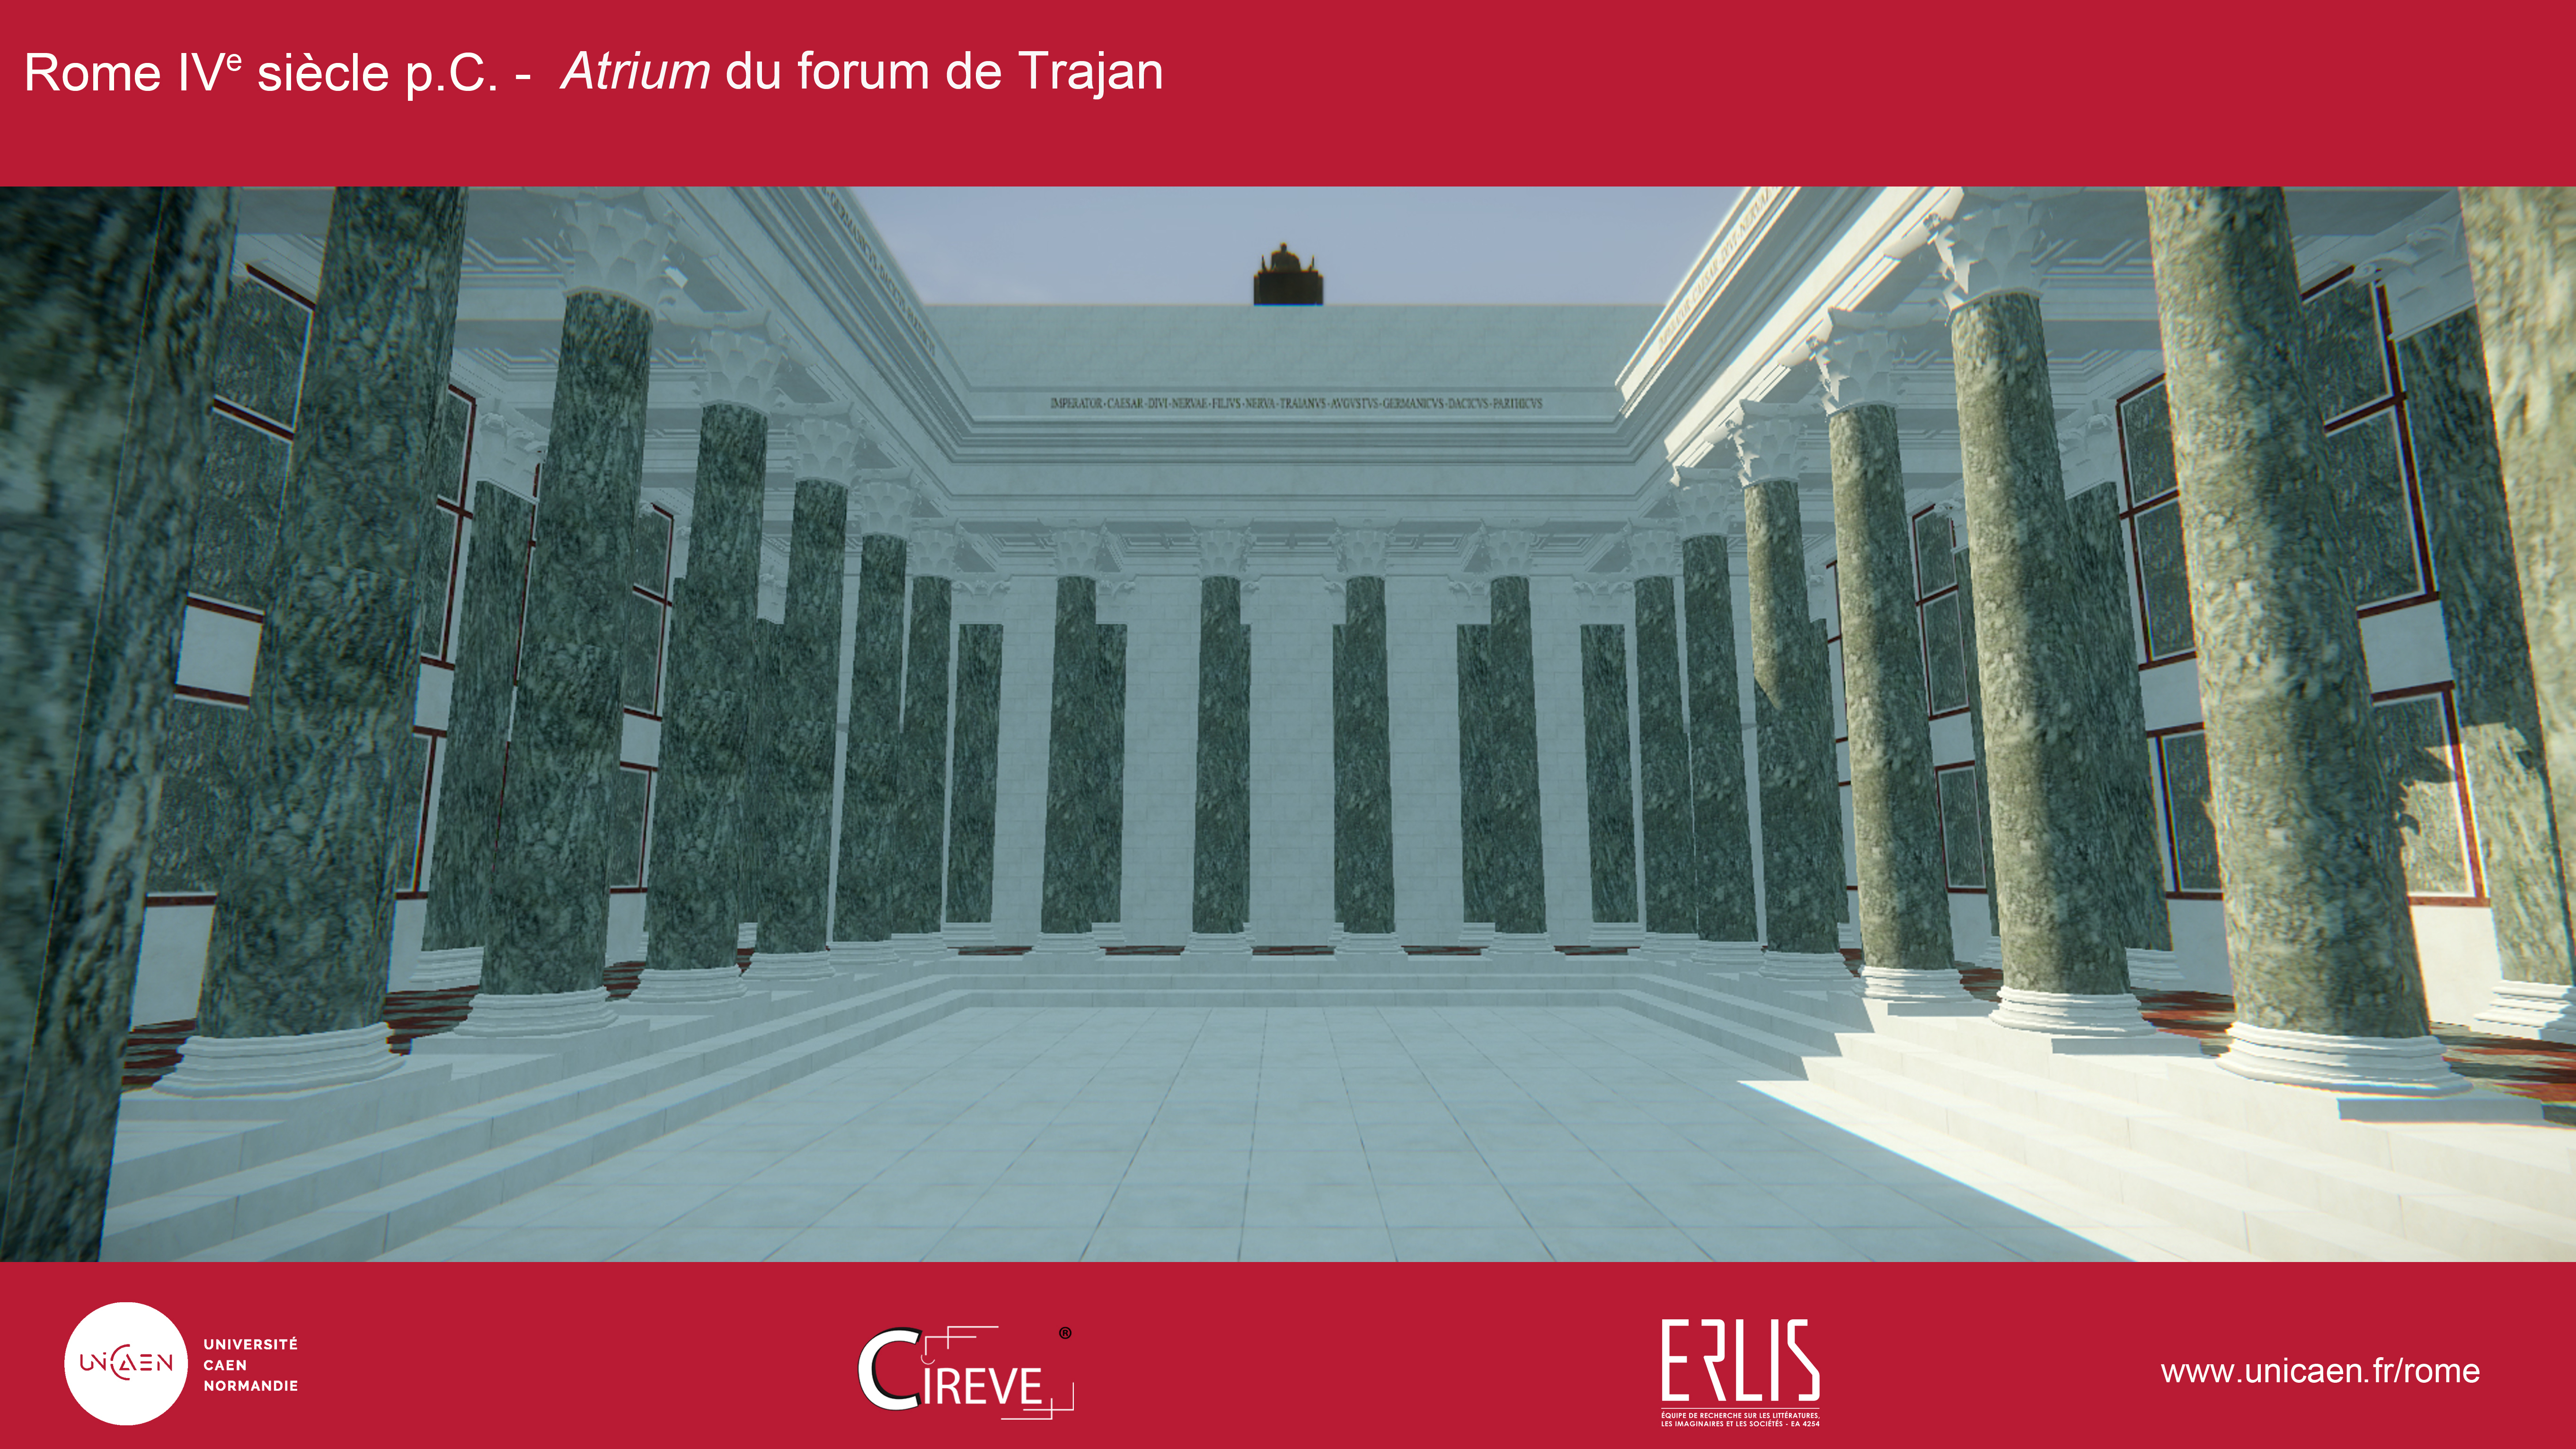 Atrium du forum de Trajan